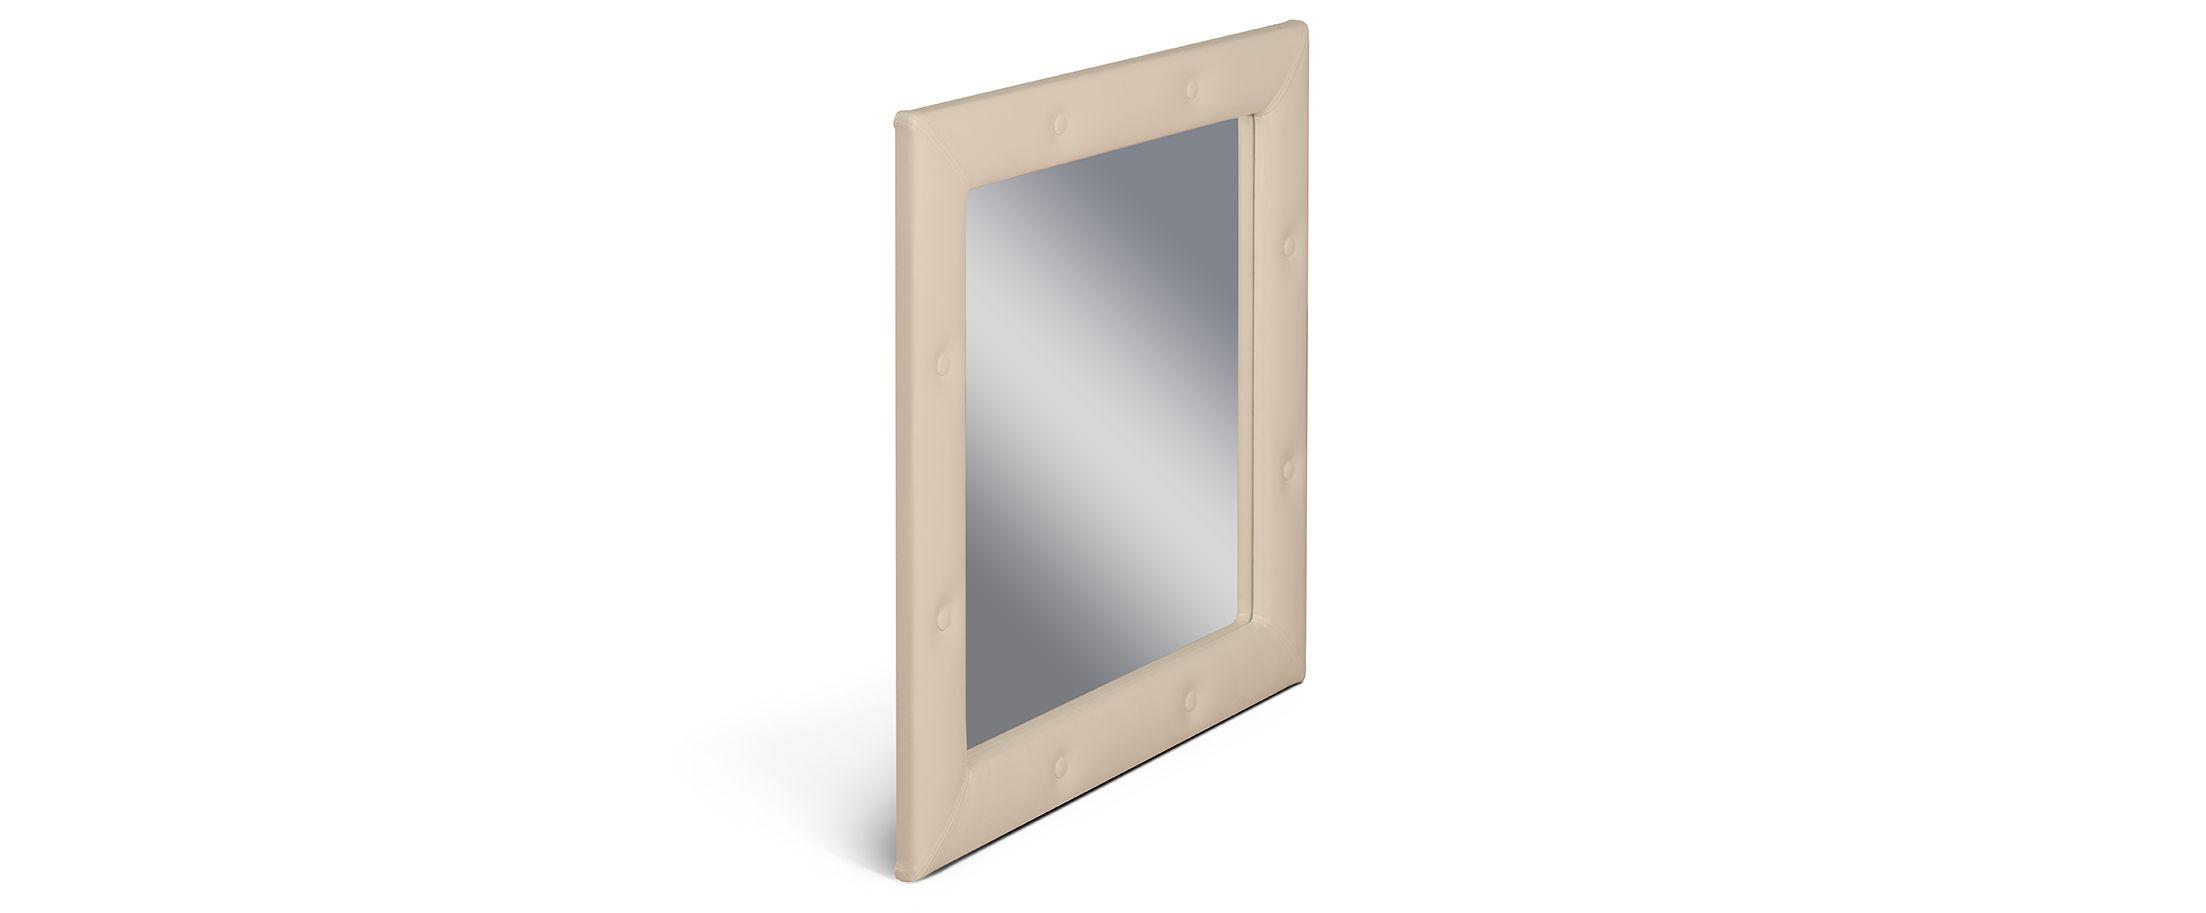 Зеркало Кааба рожьЗеркало навесное в спальню. Обивка из экокожи с декоративными пуговицами. Артикул: К000445<br>